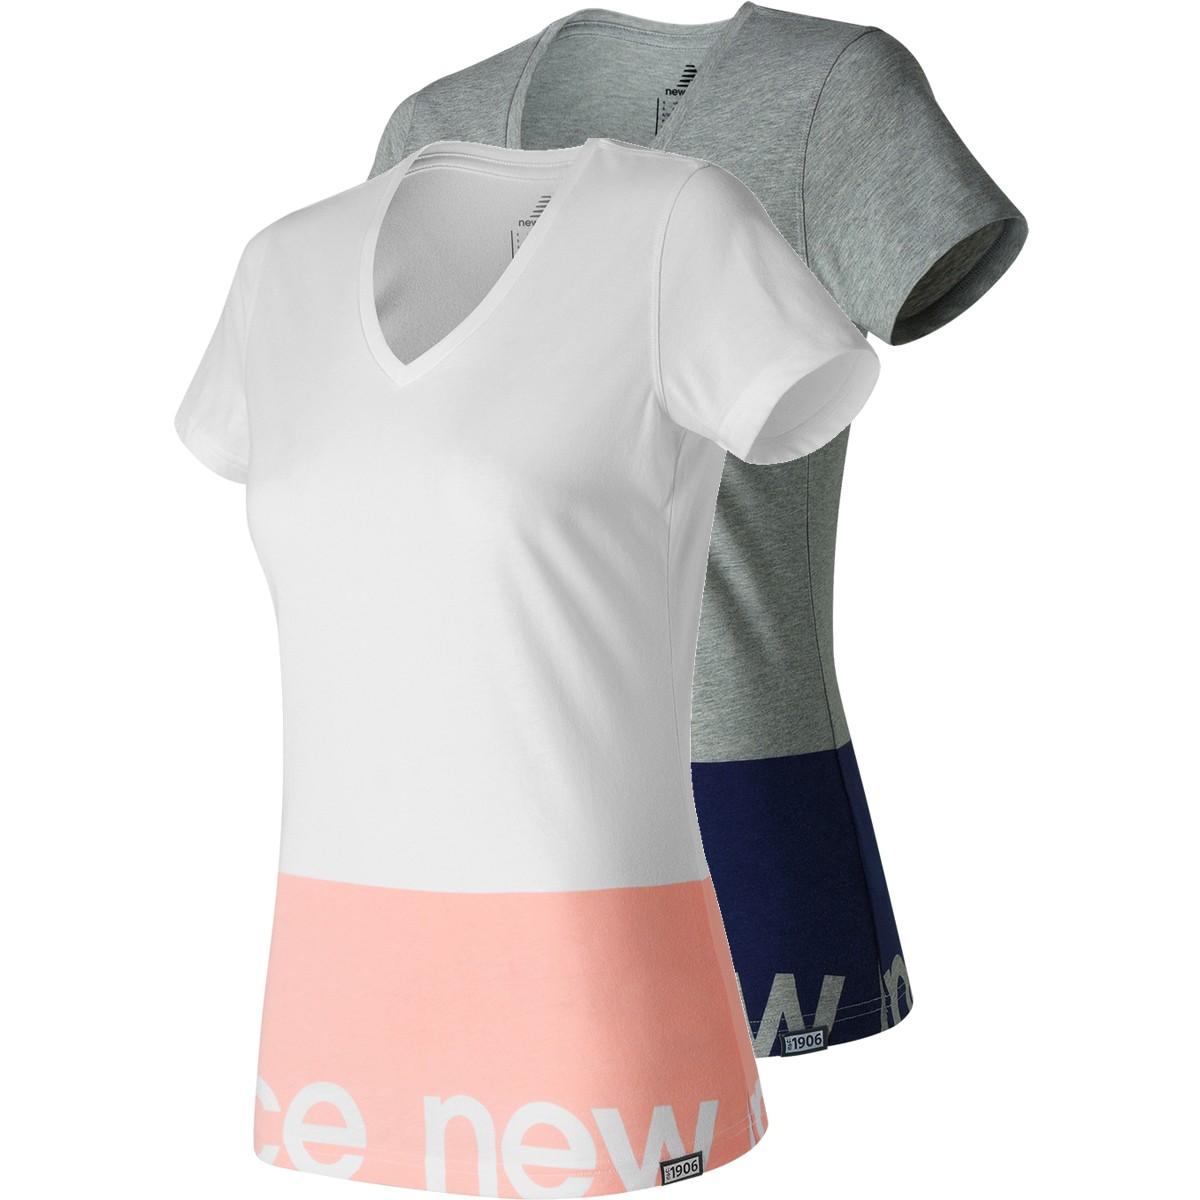 tee-shirt new balance femme